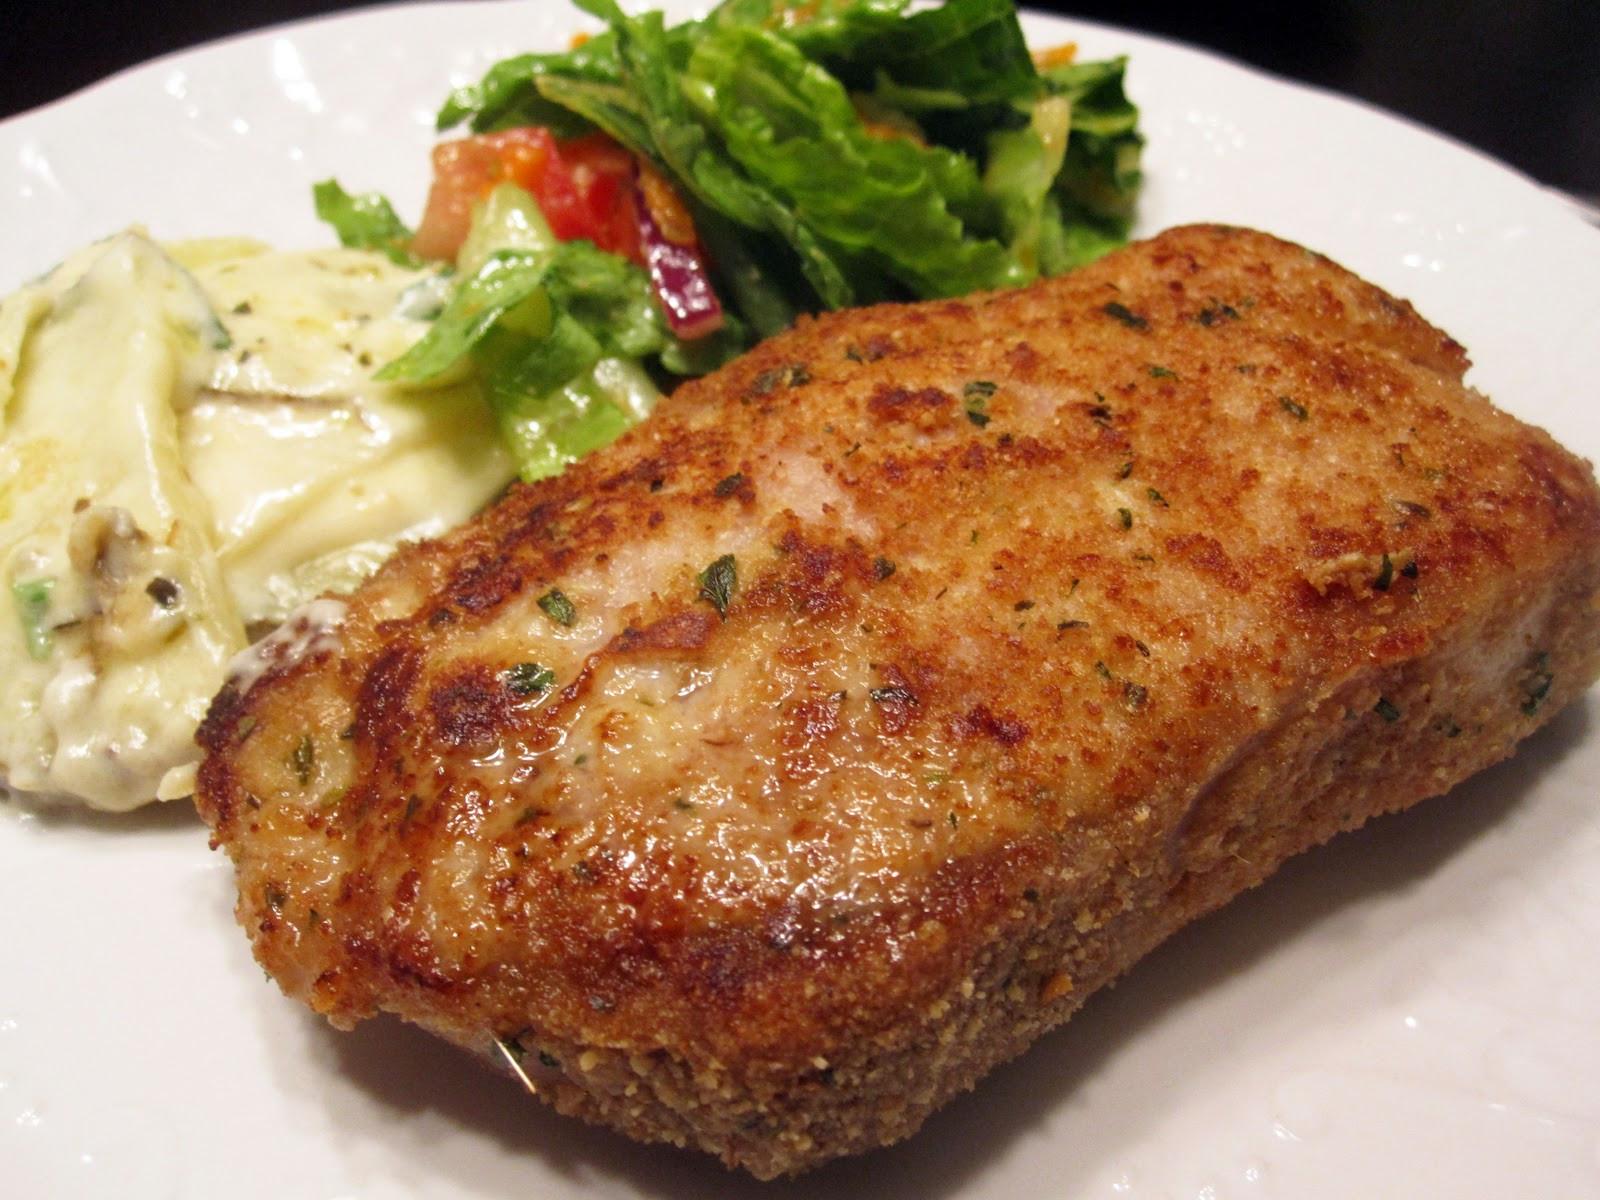 Breaded Baked Pork Chops  Baked Italian Style Breaded Pork Chops